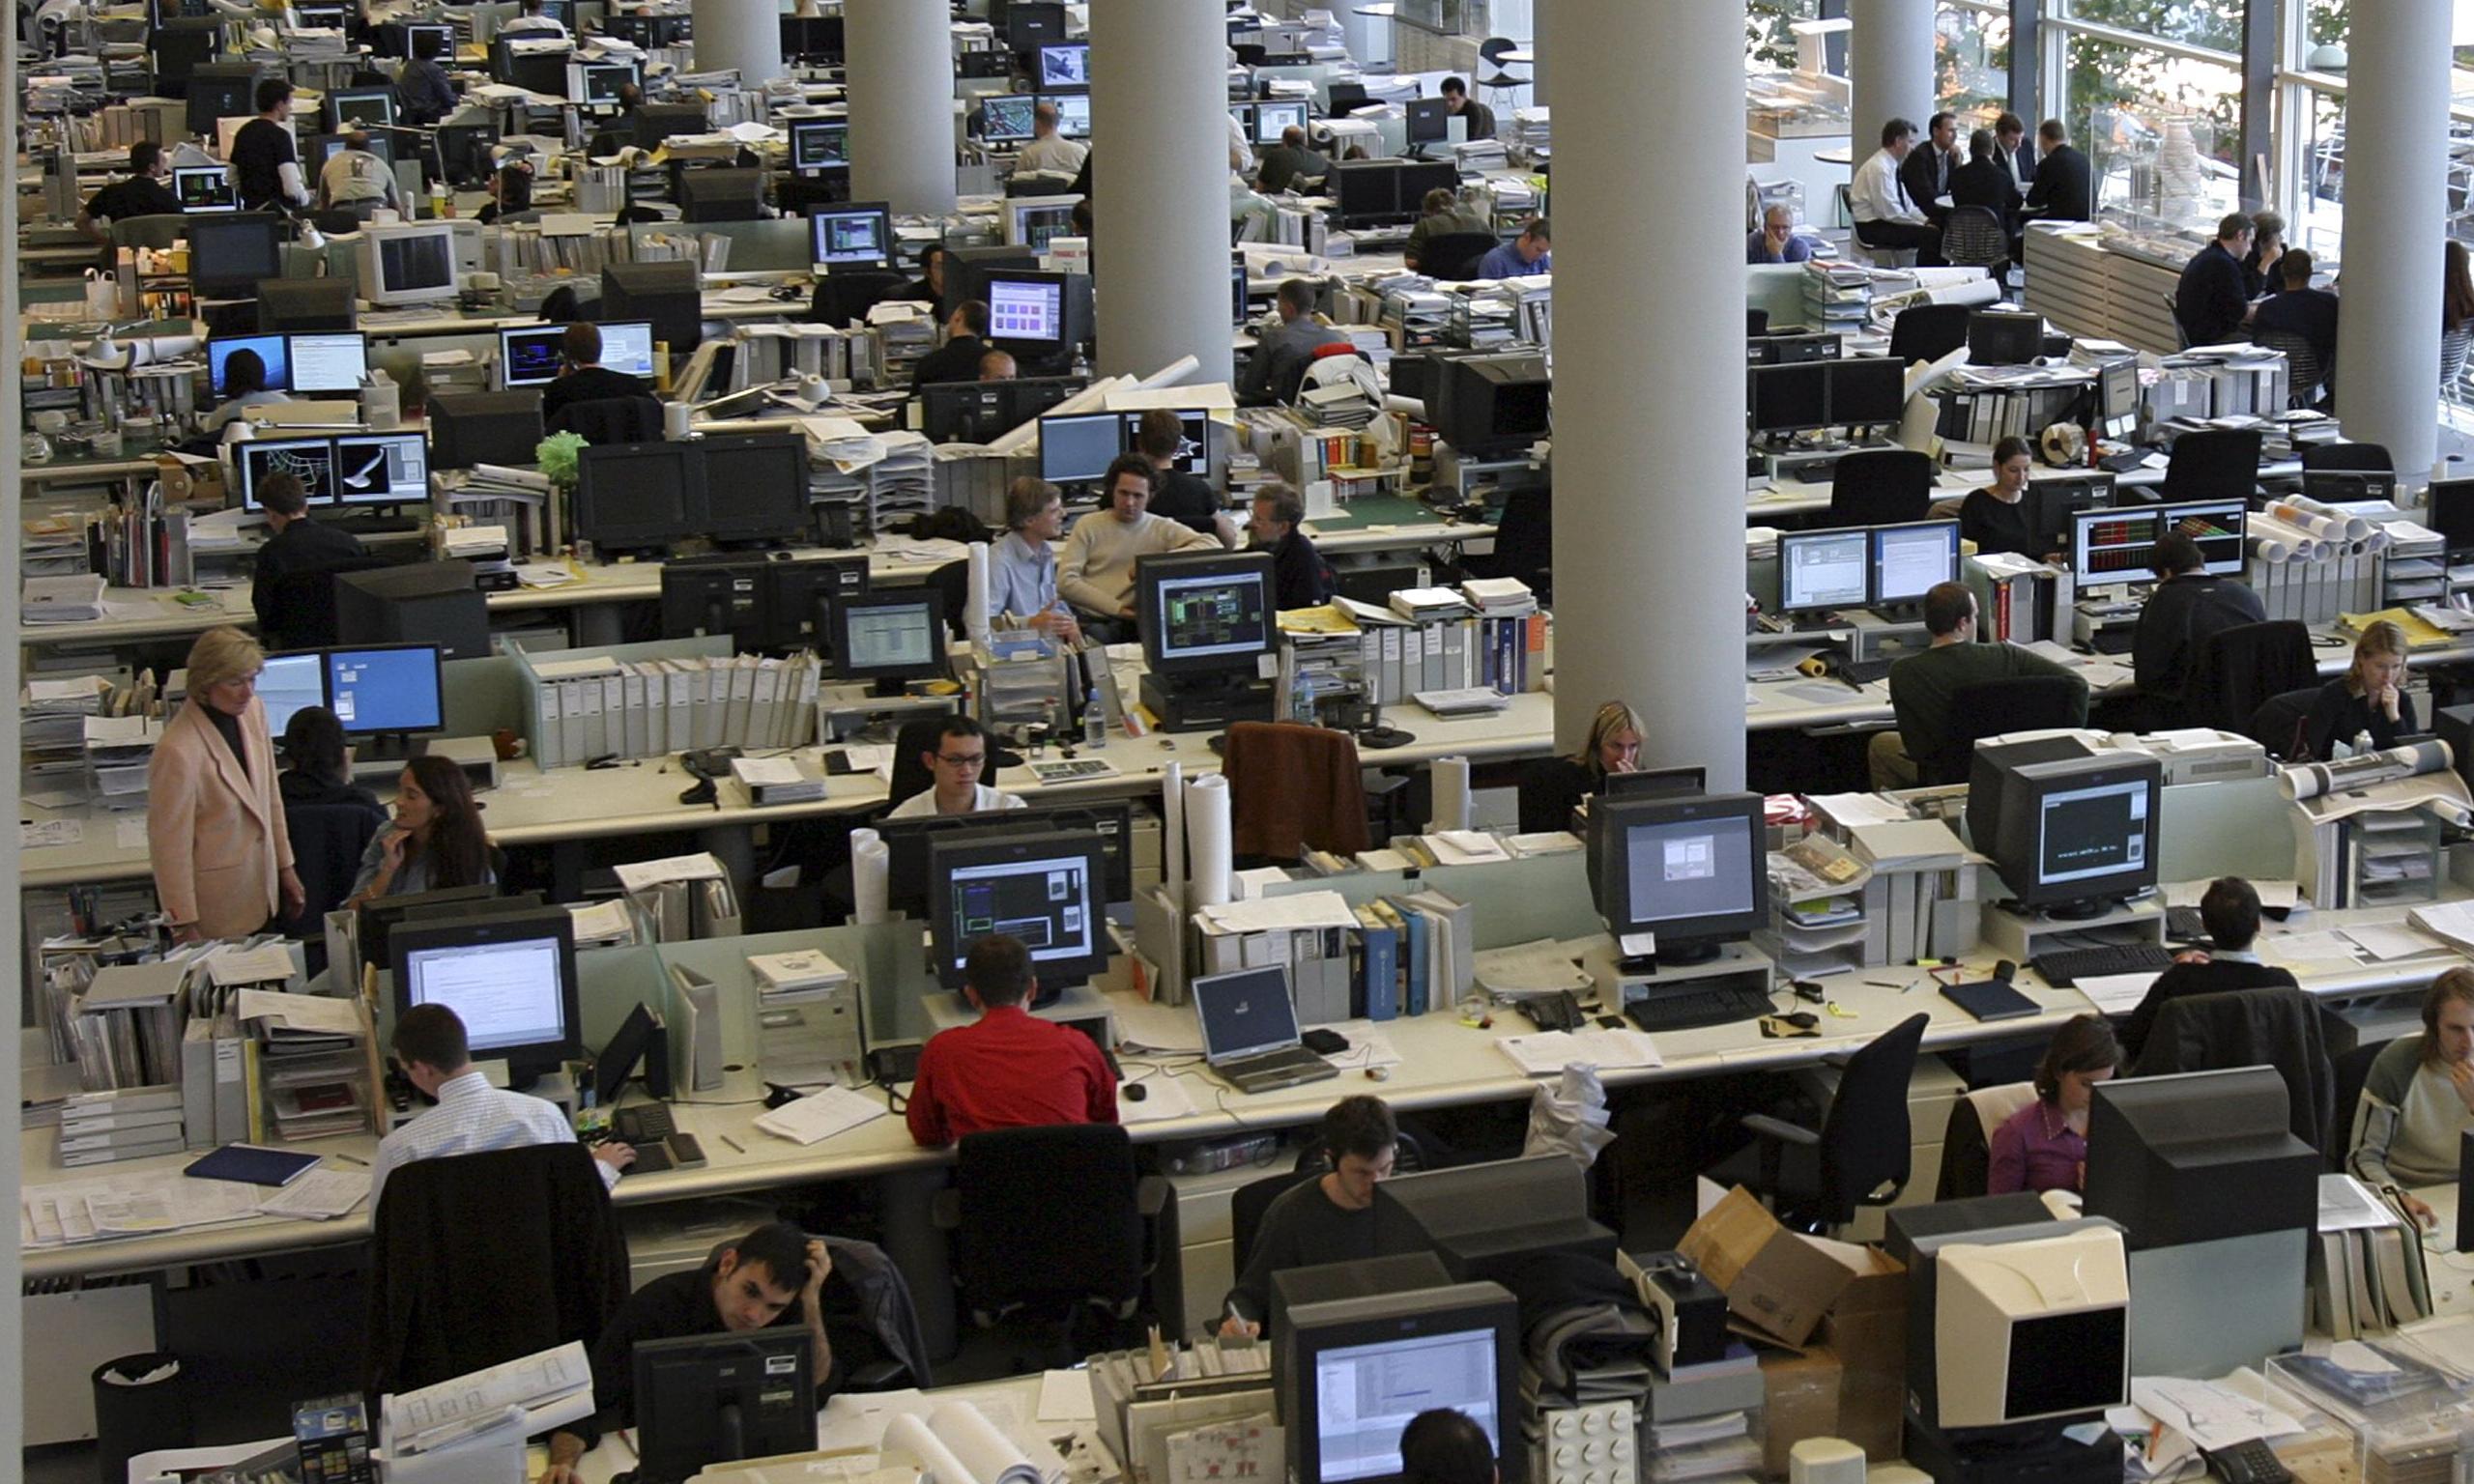 Open-space офіс: 7 рад для тих, кому складно в них працювати